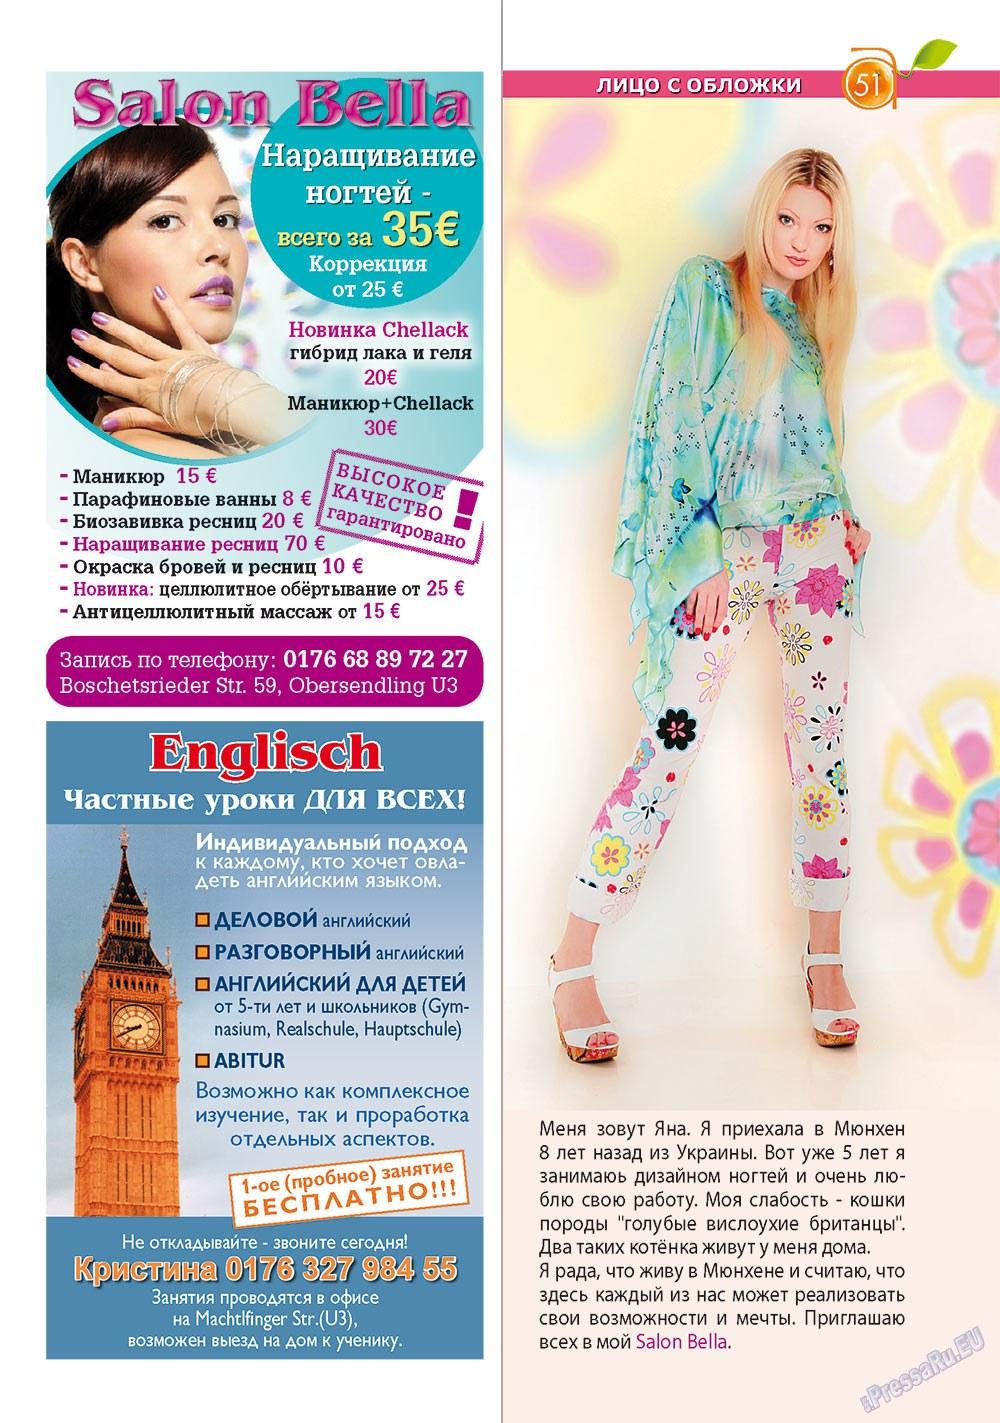 Апельсин (журнал). 2012 год, номер 33, стр. 51